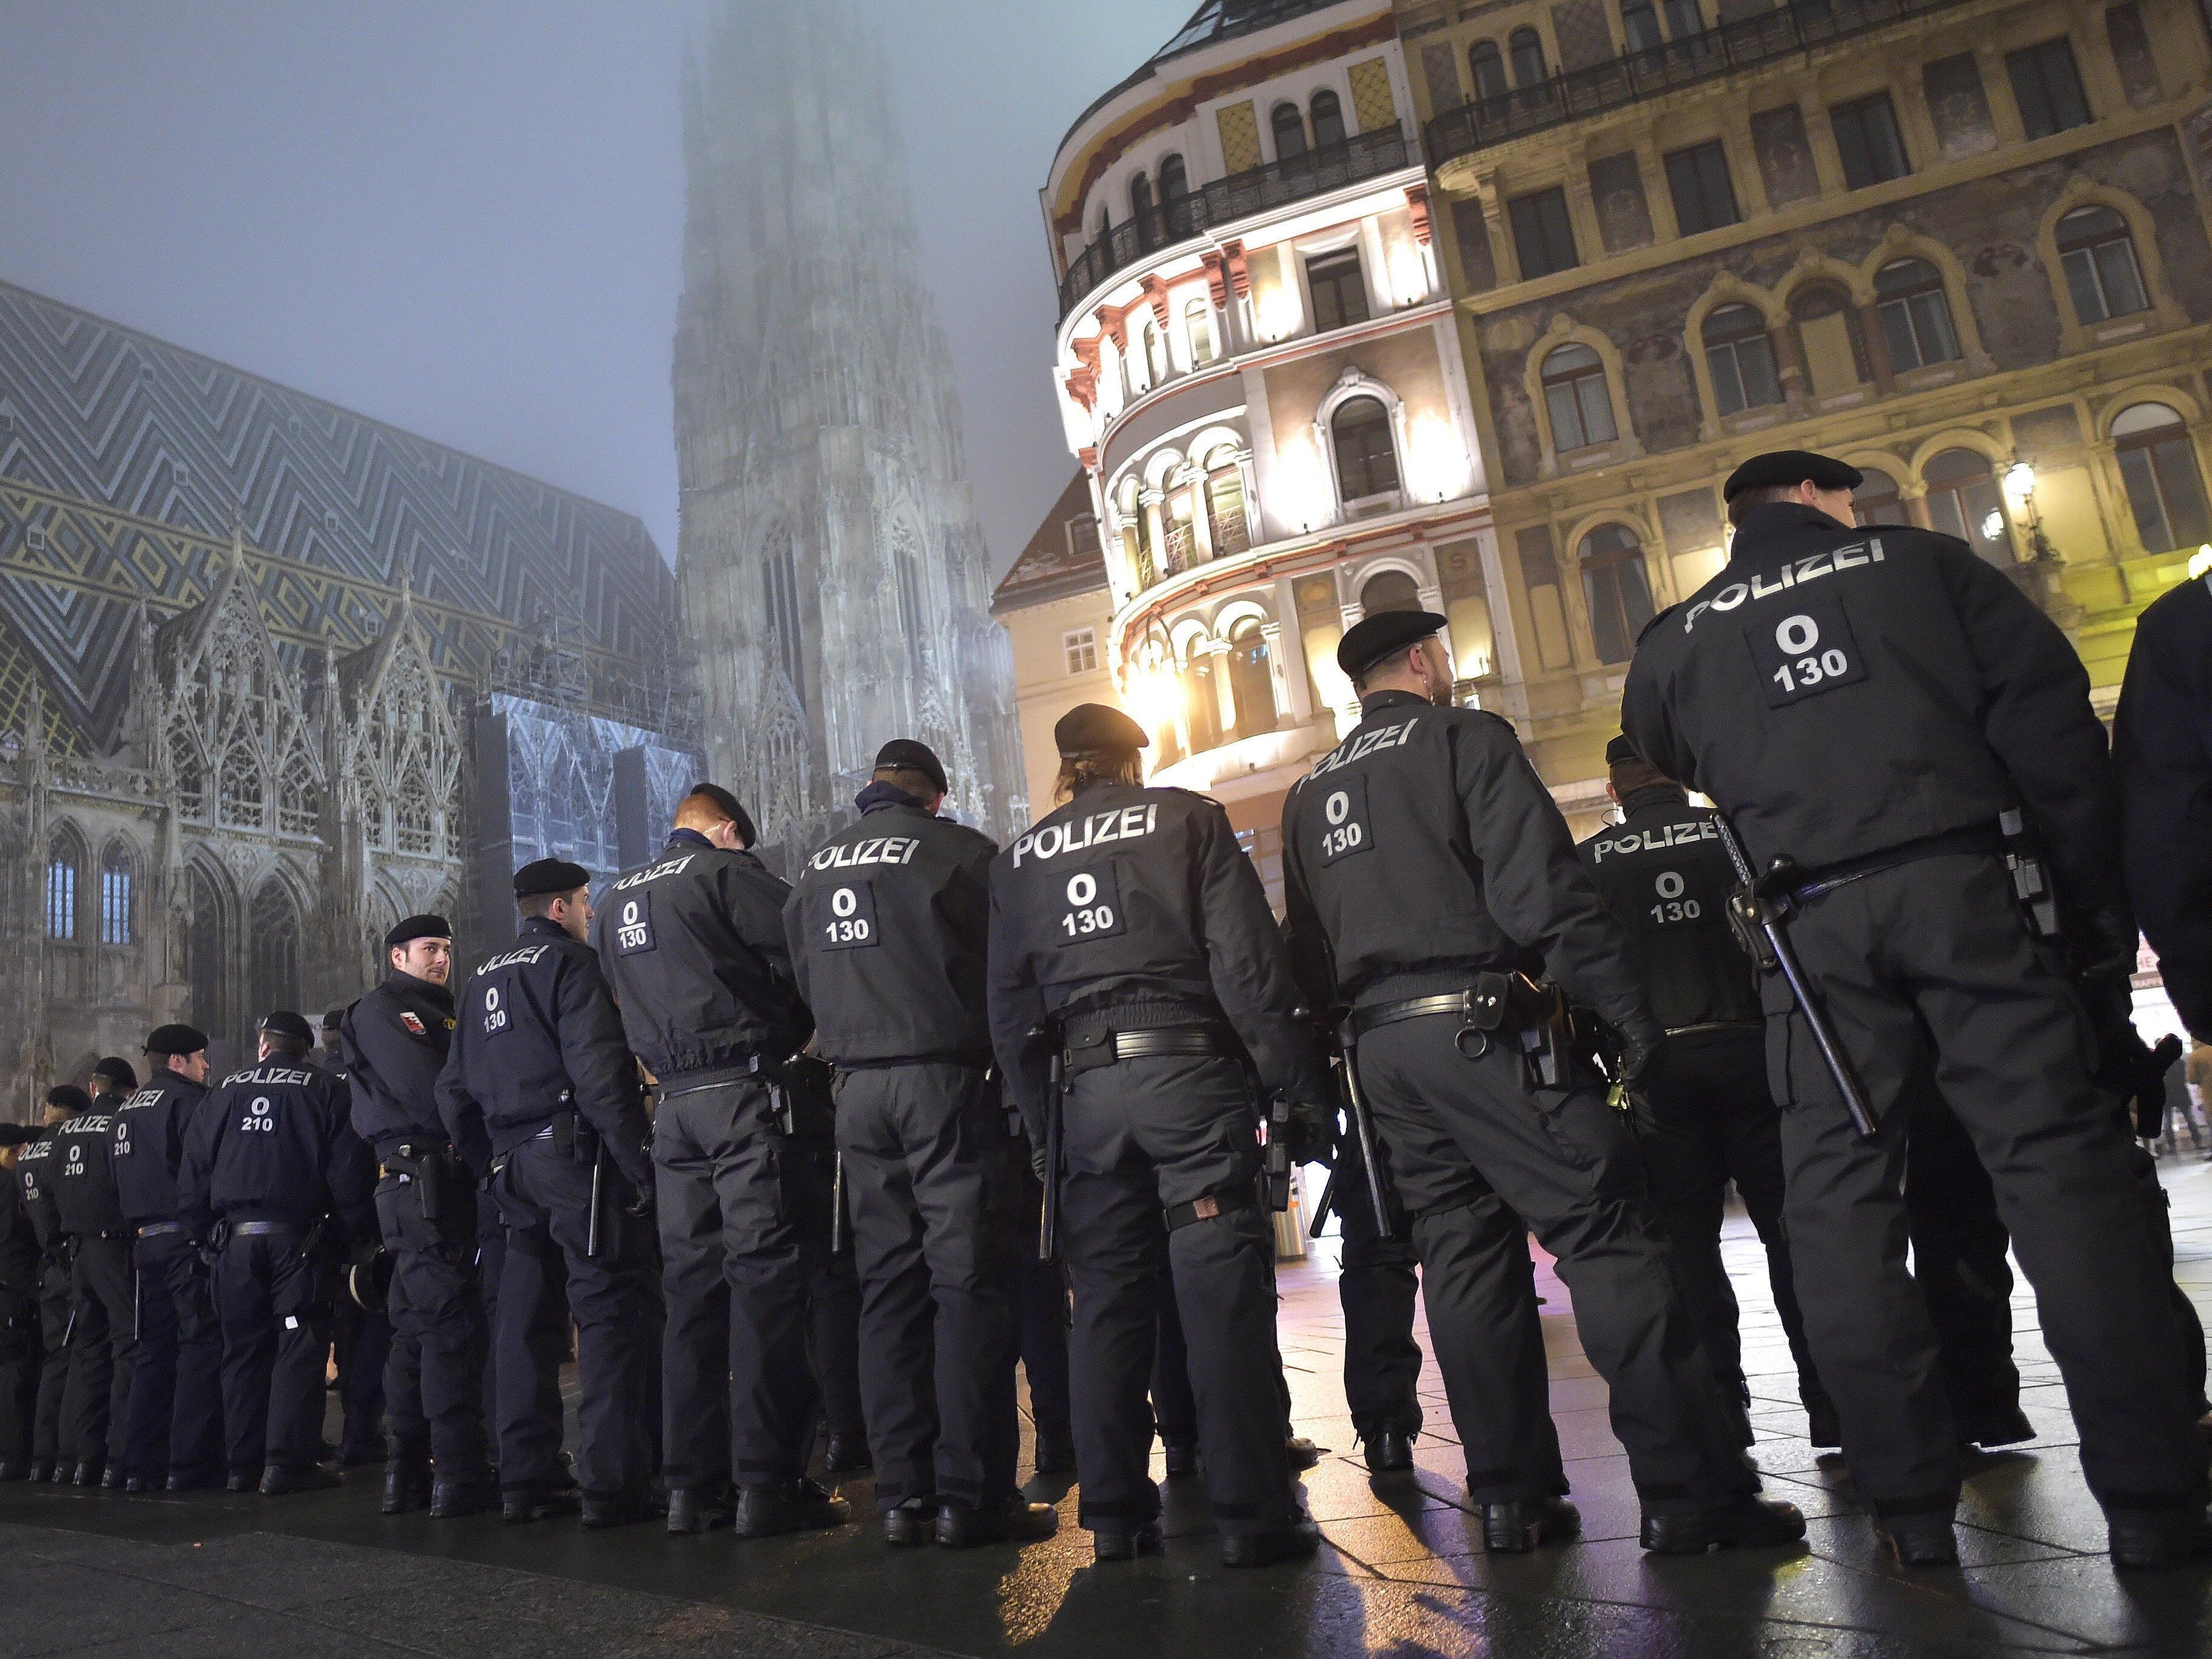 Polizisten während der Demonstration am Stephansplatz, wo diese friedlich endete